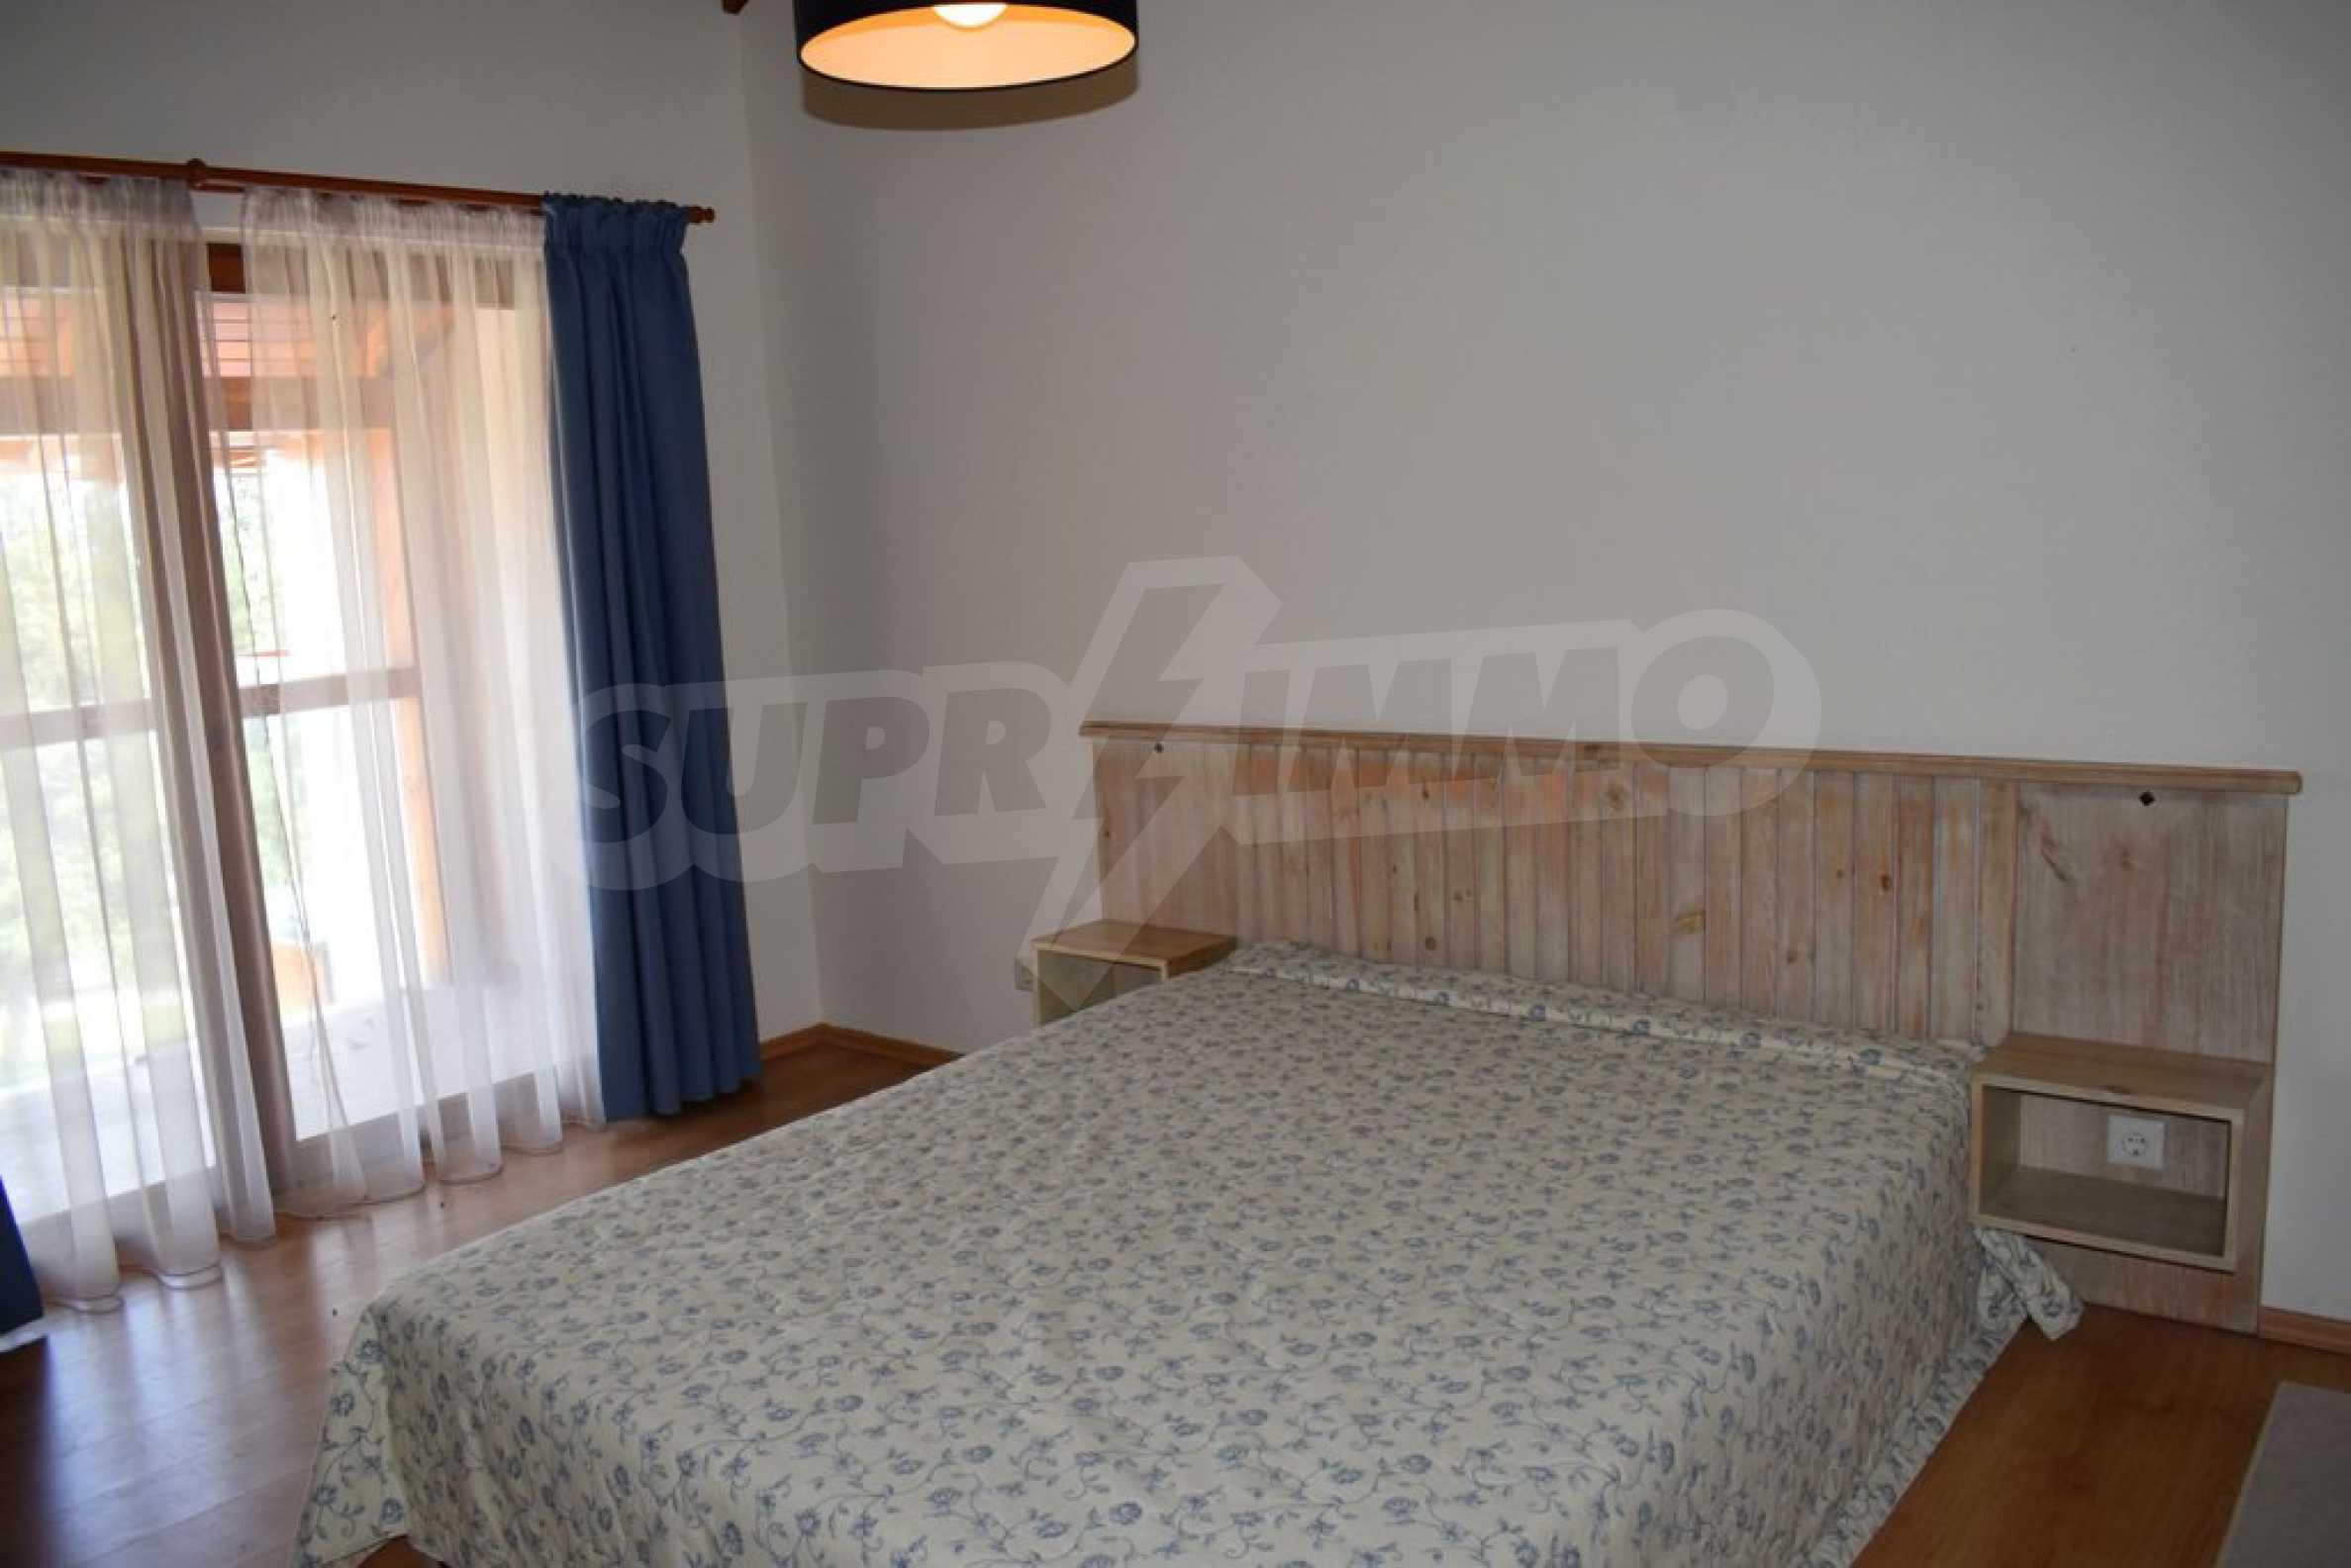 Двустаен апартамент в близост до голф игрище в района на Банско и Разлог 6